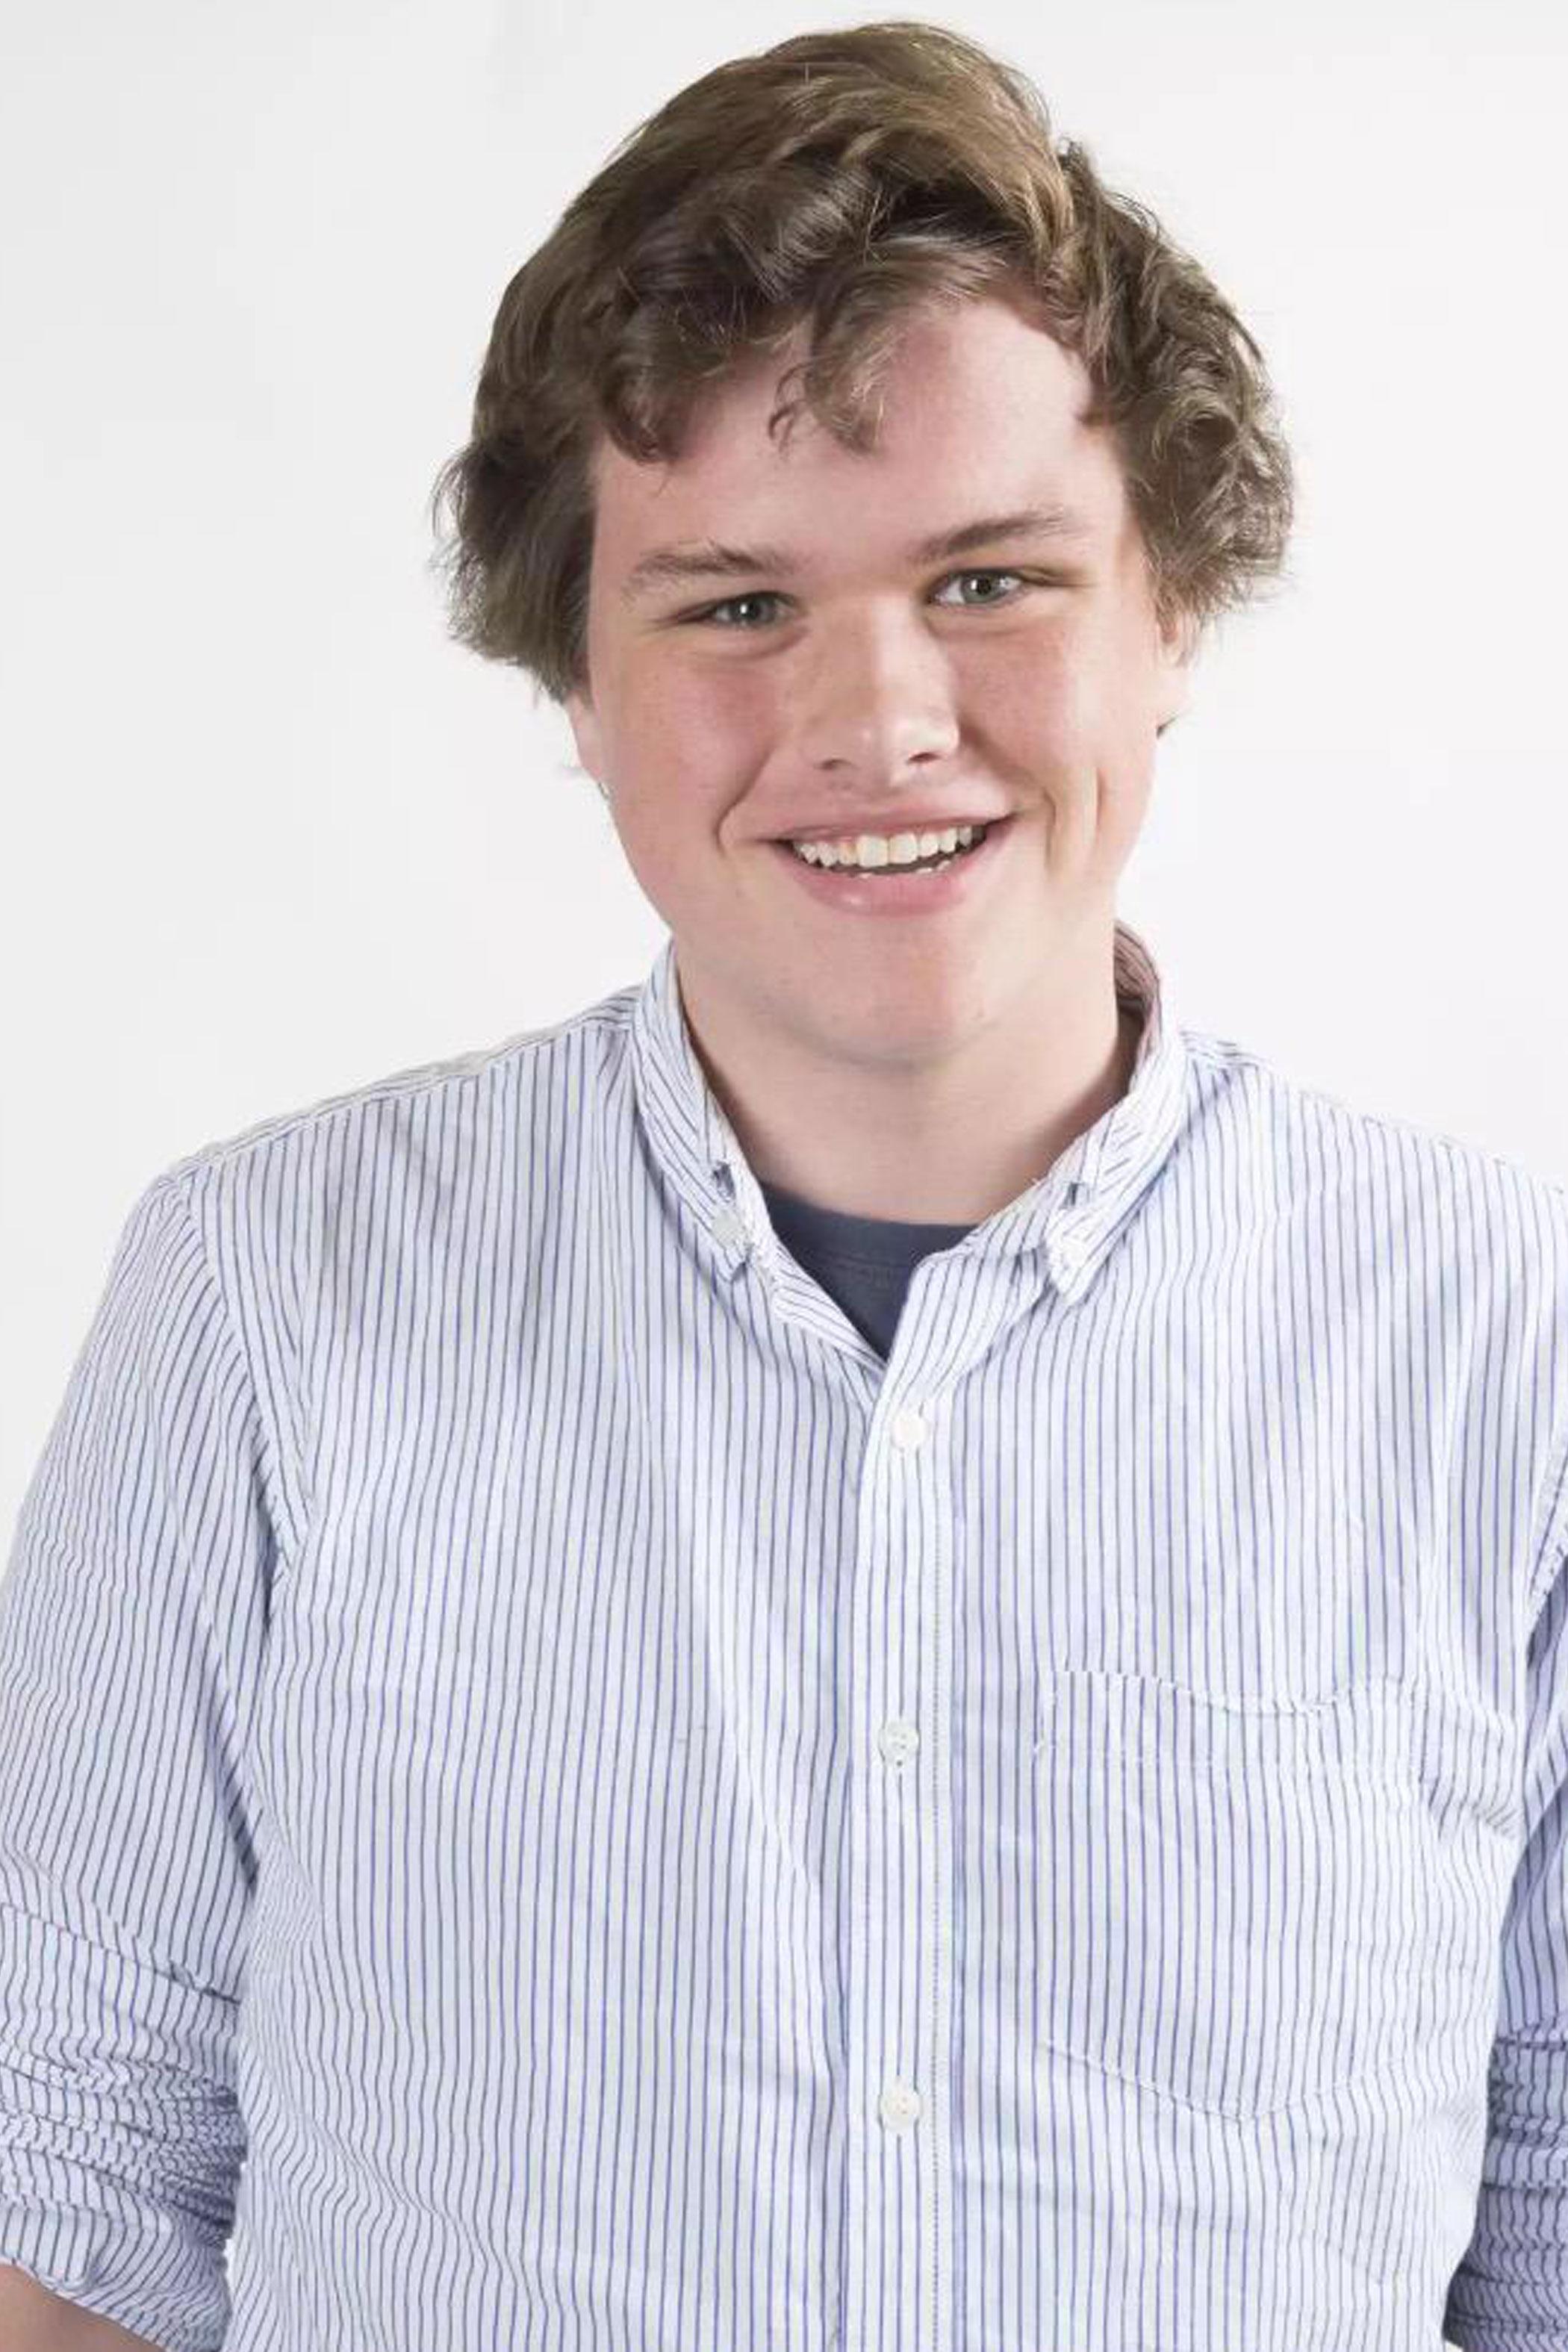 Most Influential Teens 2015 William Turton